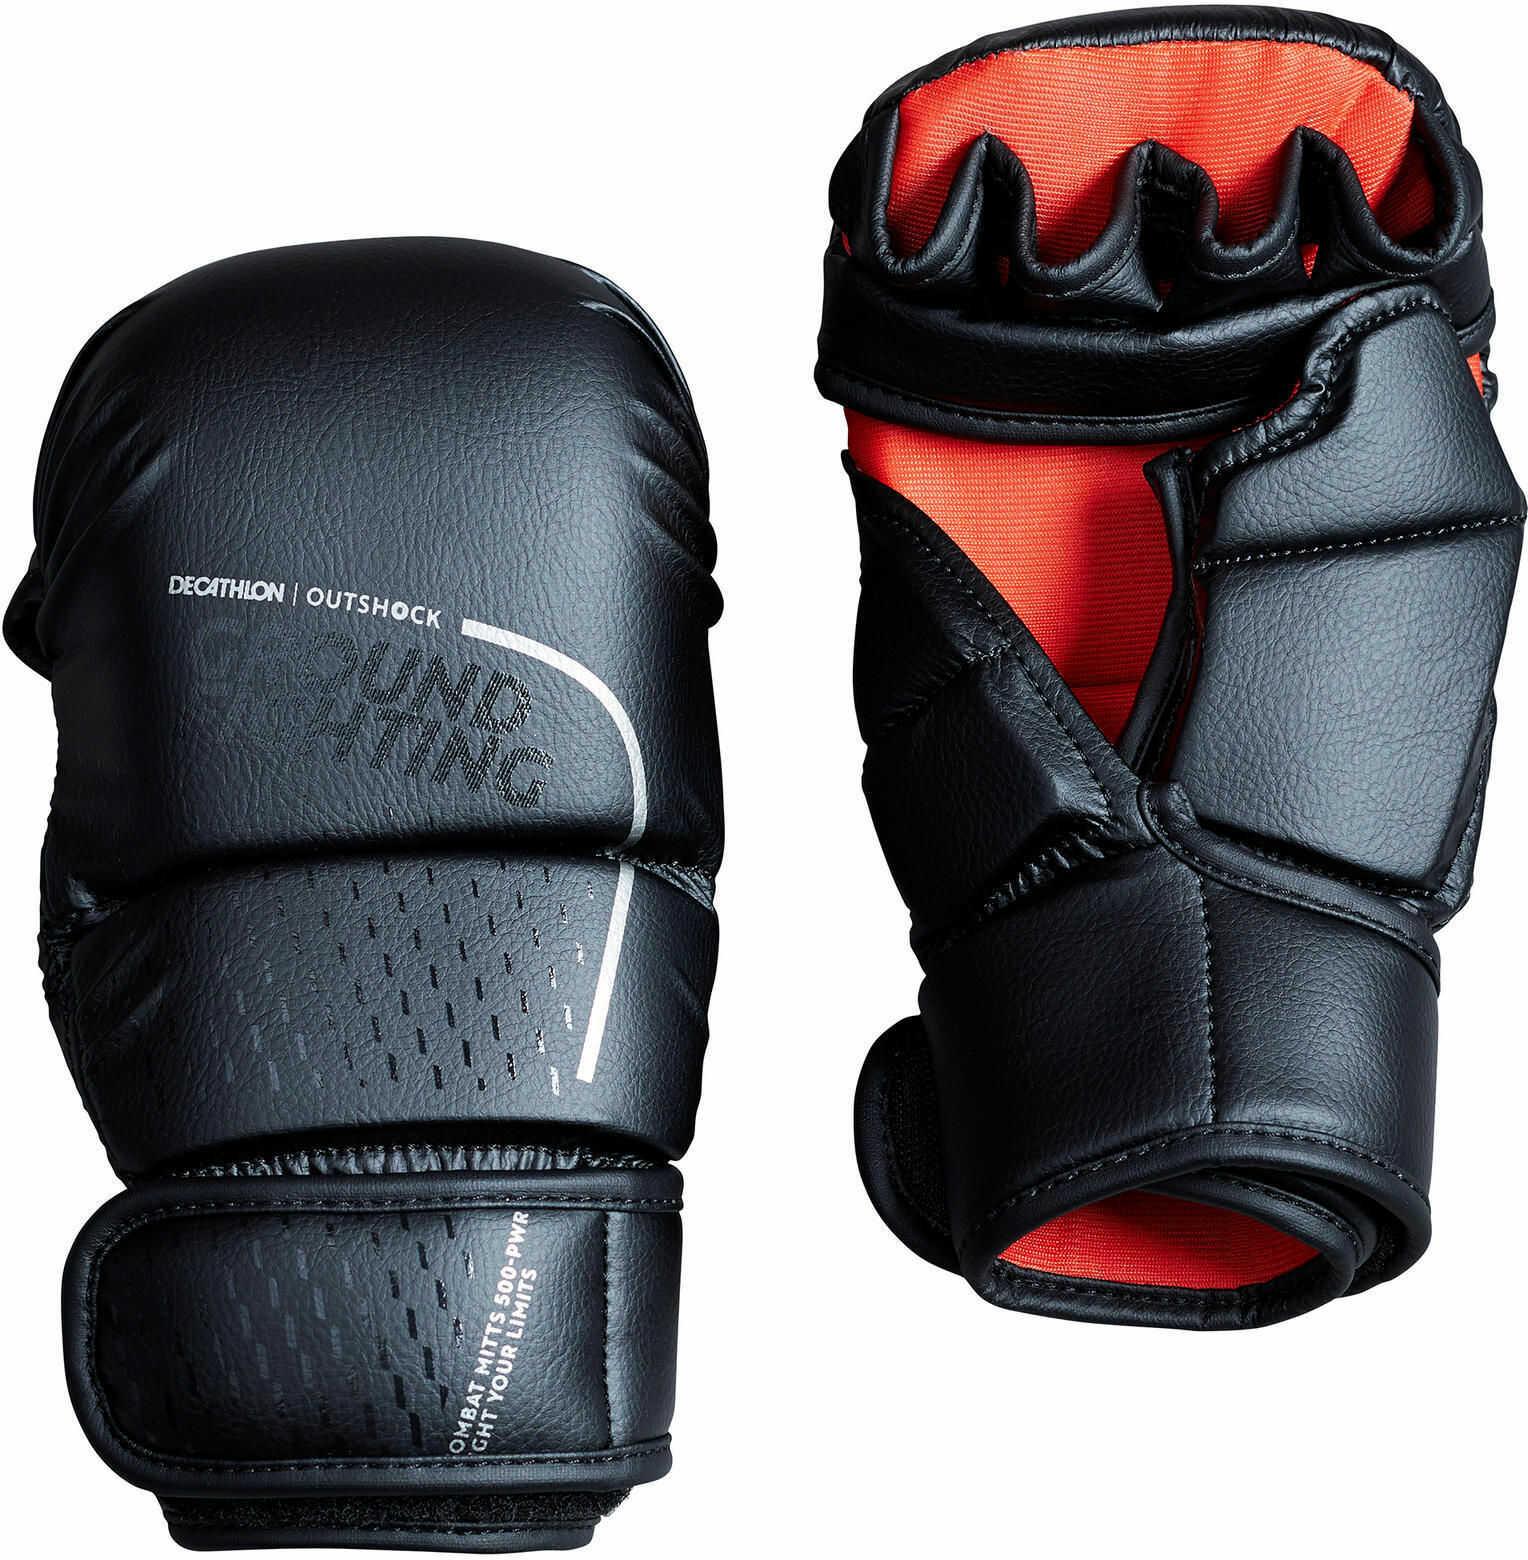 Rękawice do MMA / Grapplingu Outshock 500